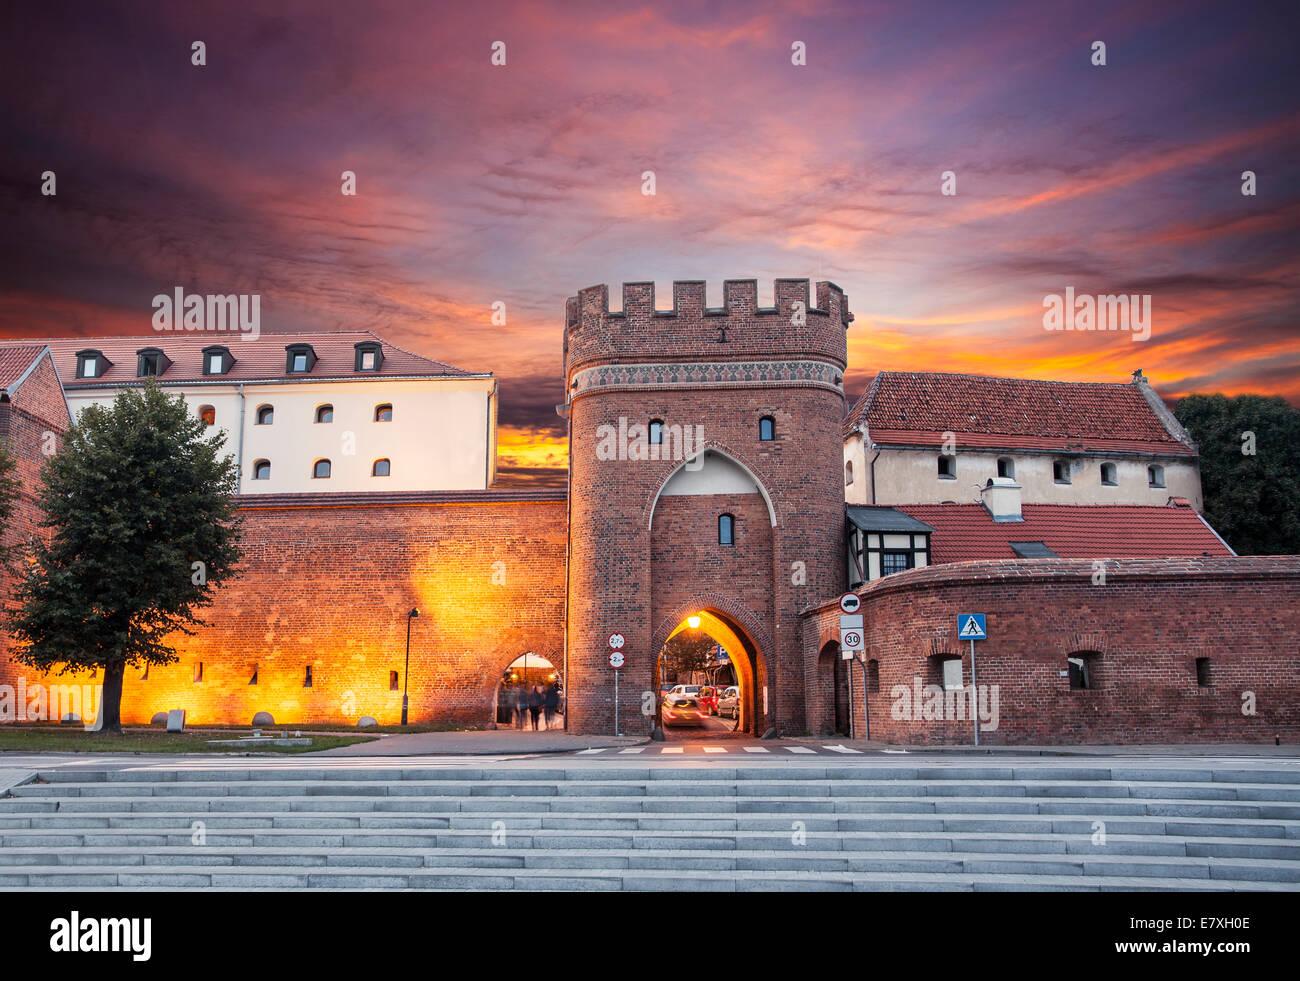 Coucher de soleil sur la vieille ville de Torun, Pologne. Photo Stock